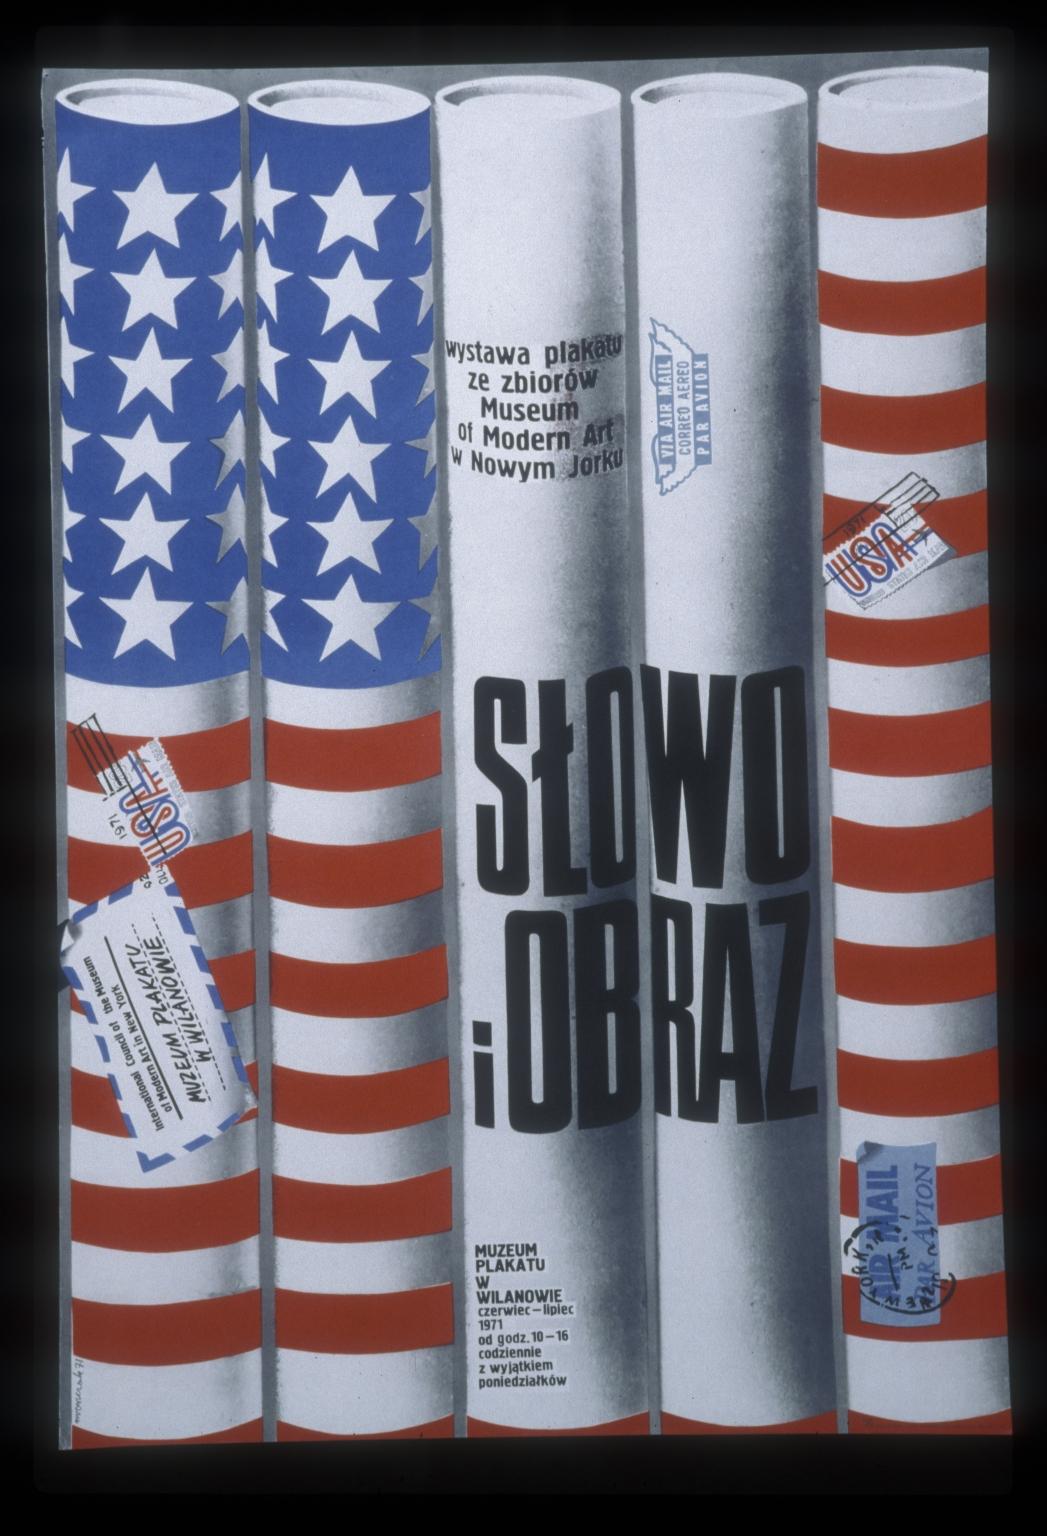 Slowo i obraz: wystawa plakatu ze zbiorow Museum of Modern Art w Nowym Jorku : Muzeum Plakatu w Wilanowie, czerwiec-lipiec 1971